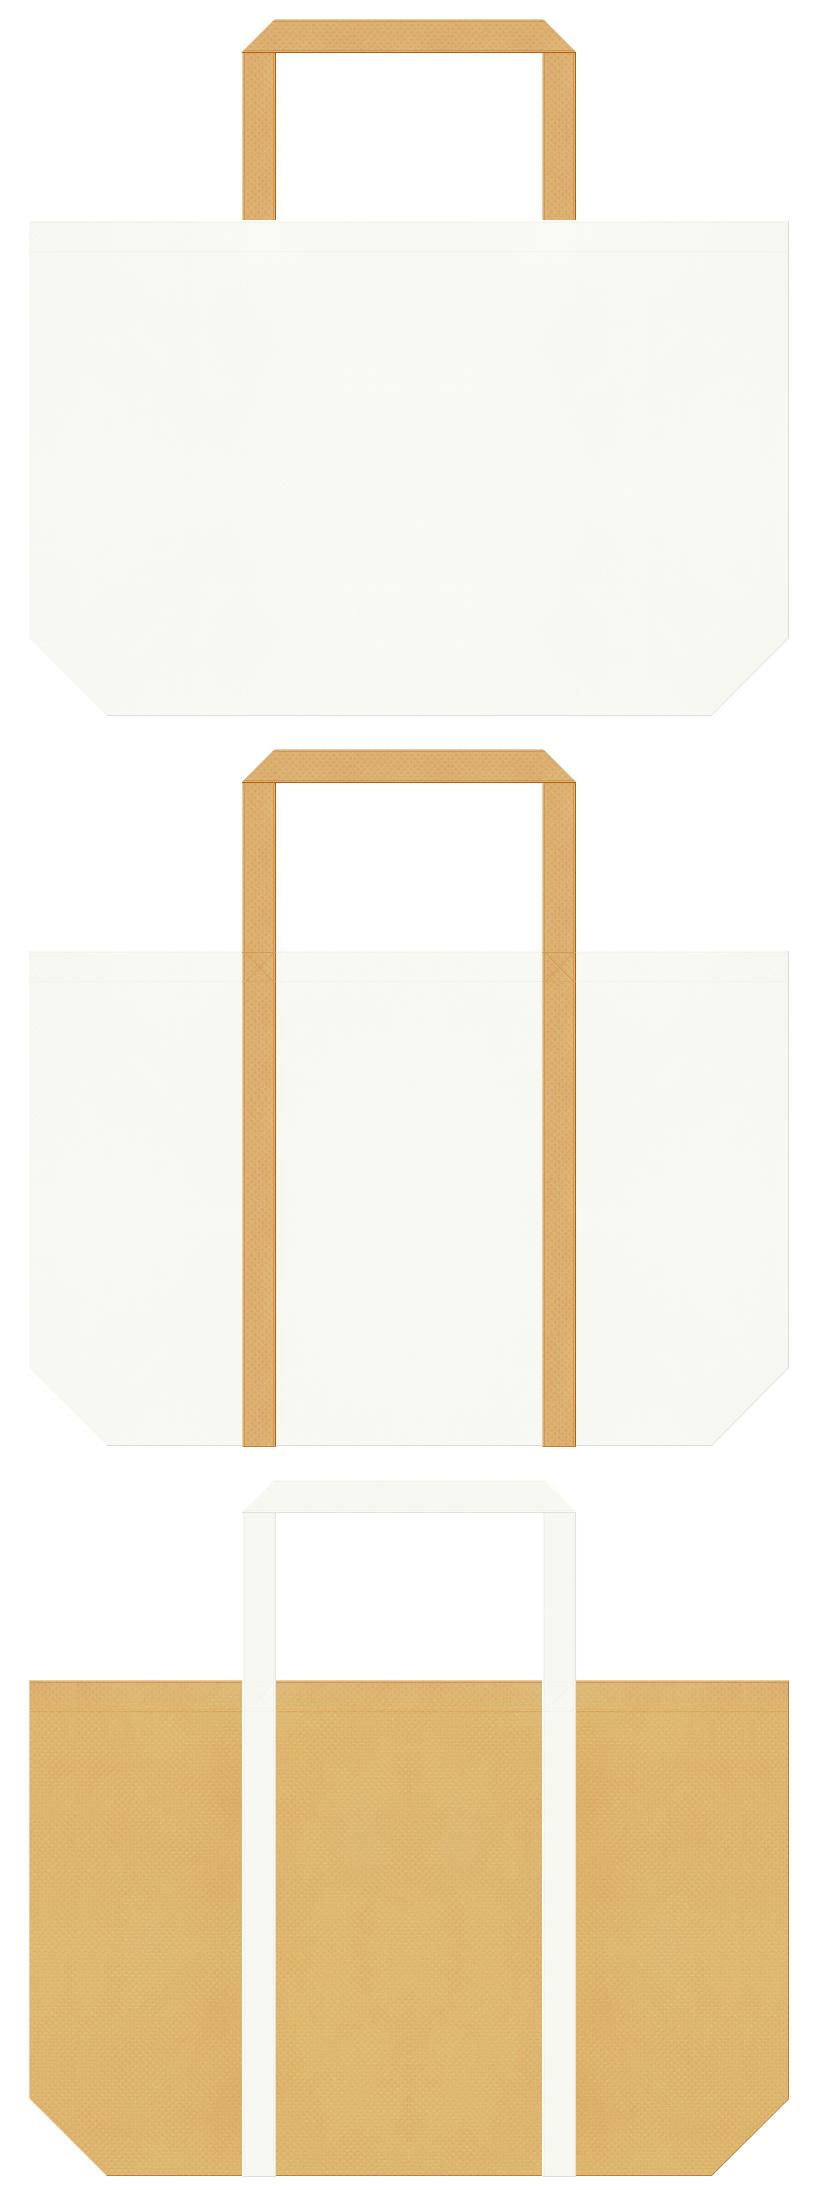 オフホワイト色と薄黄土色の不織布ショッピングバッグのデザイン。スイーツ・ベーカリーのショッピングバッグにお奨めです。